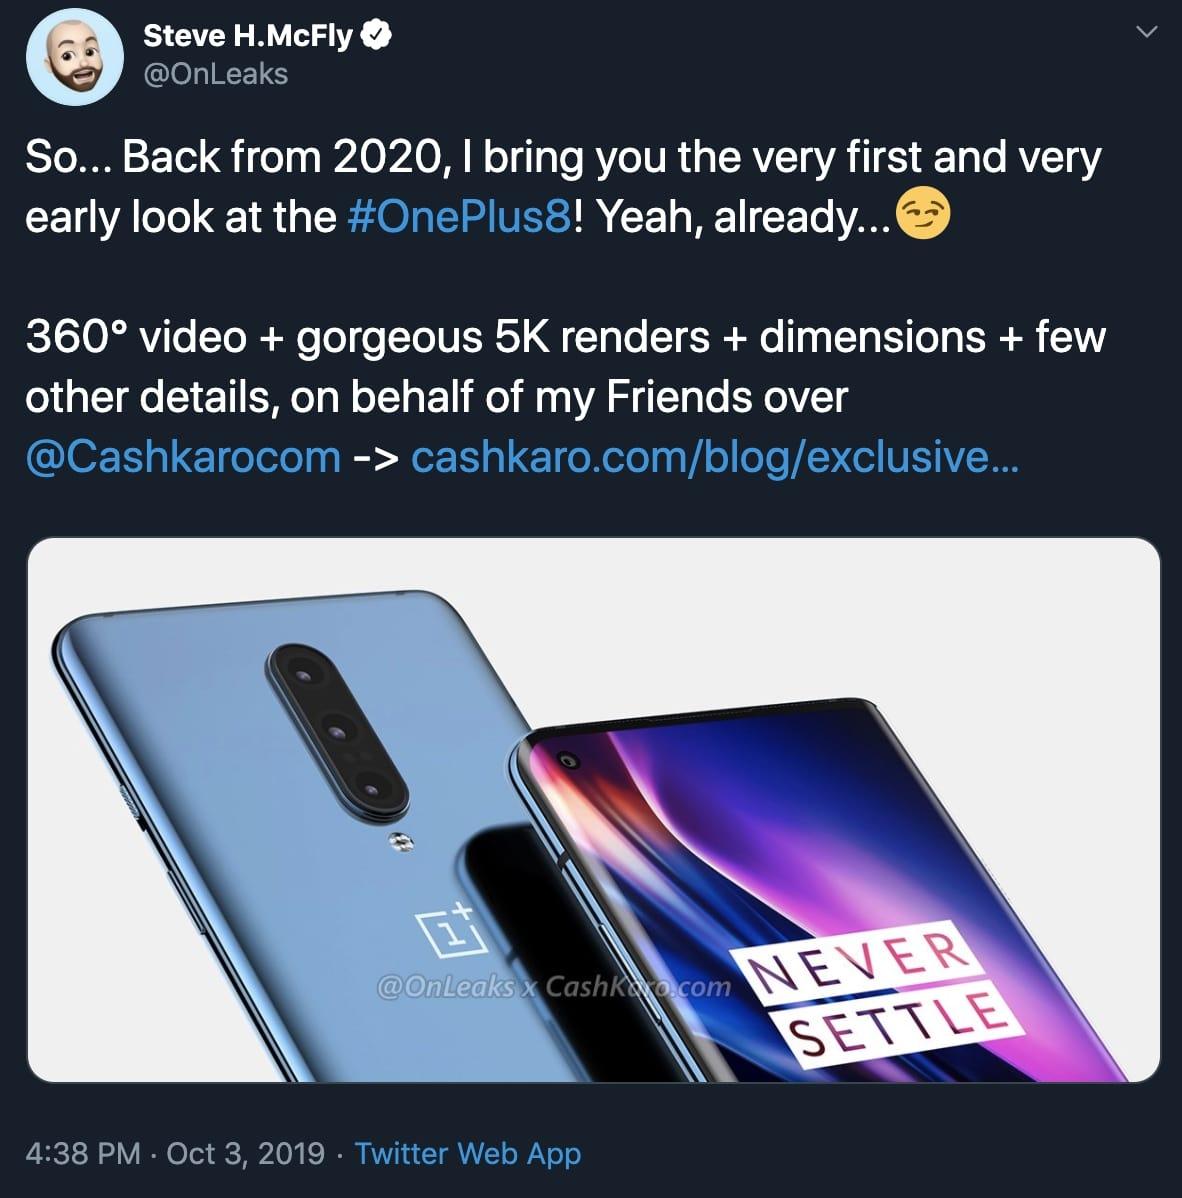 OnePlus 8!